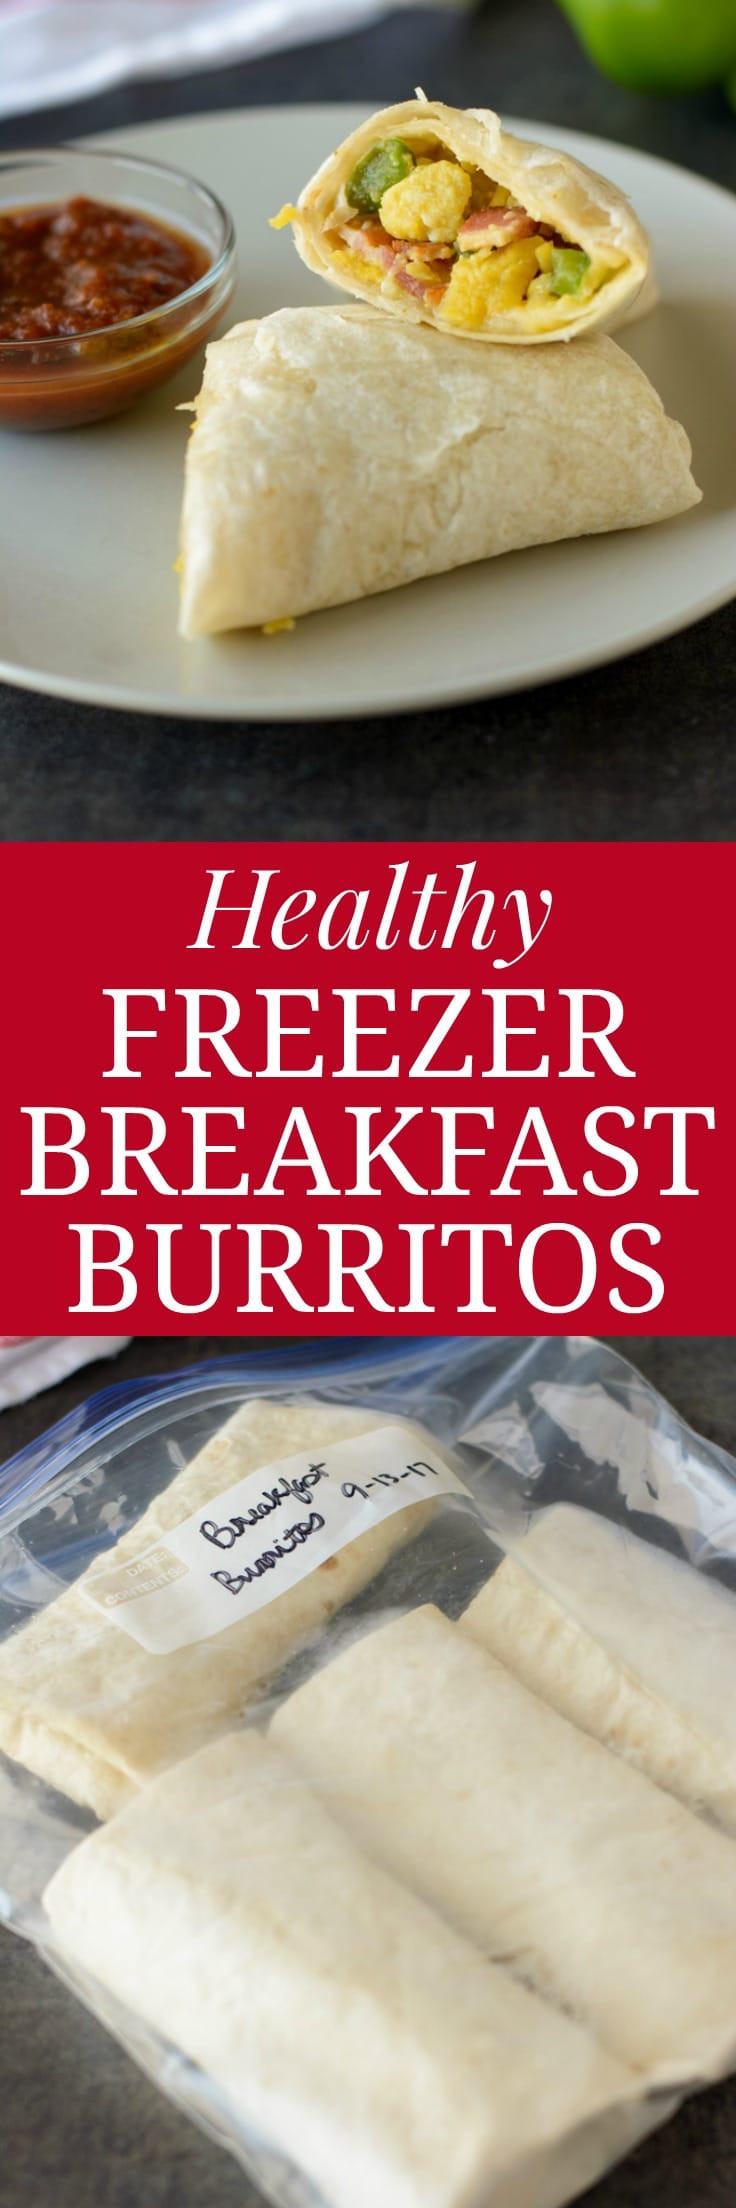 Healthy Freezer Breakfast Burritos  Healthy Freezer Breakfast Burritos Healthier Dishes